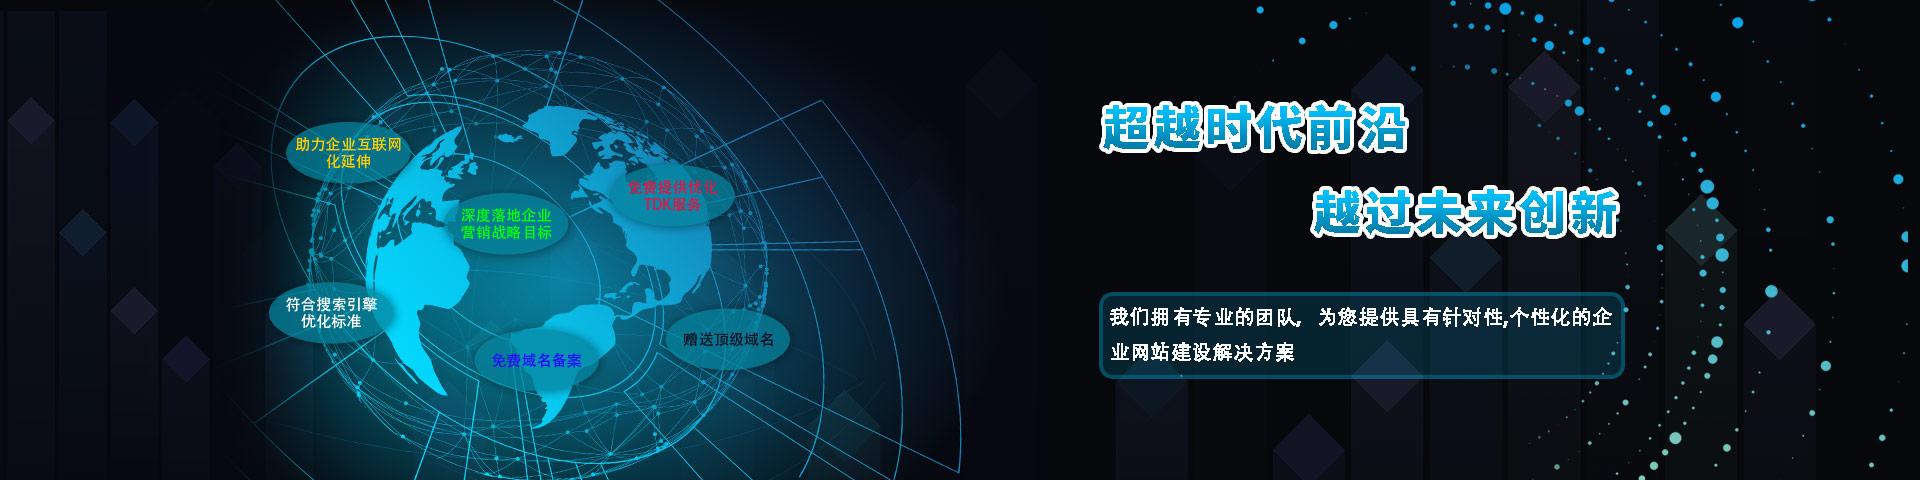 租号平台,软件开发,九州bet9网页登录建设